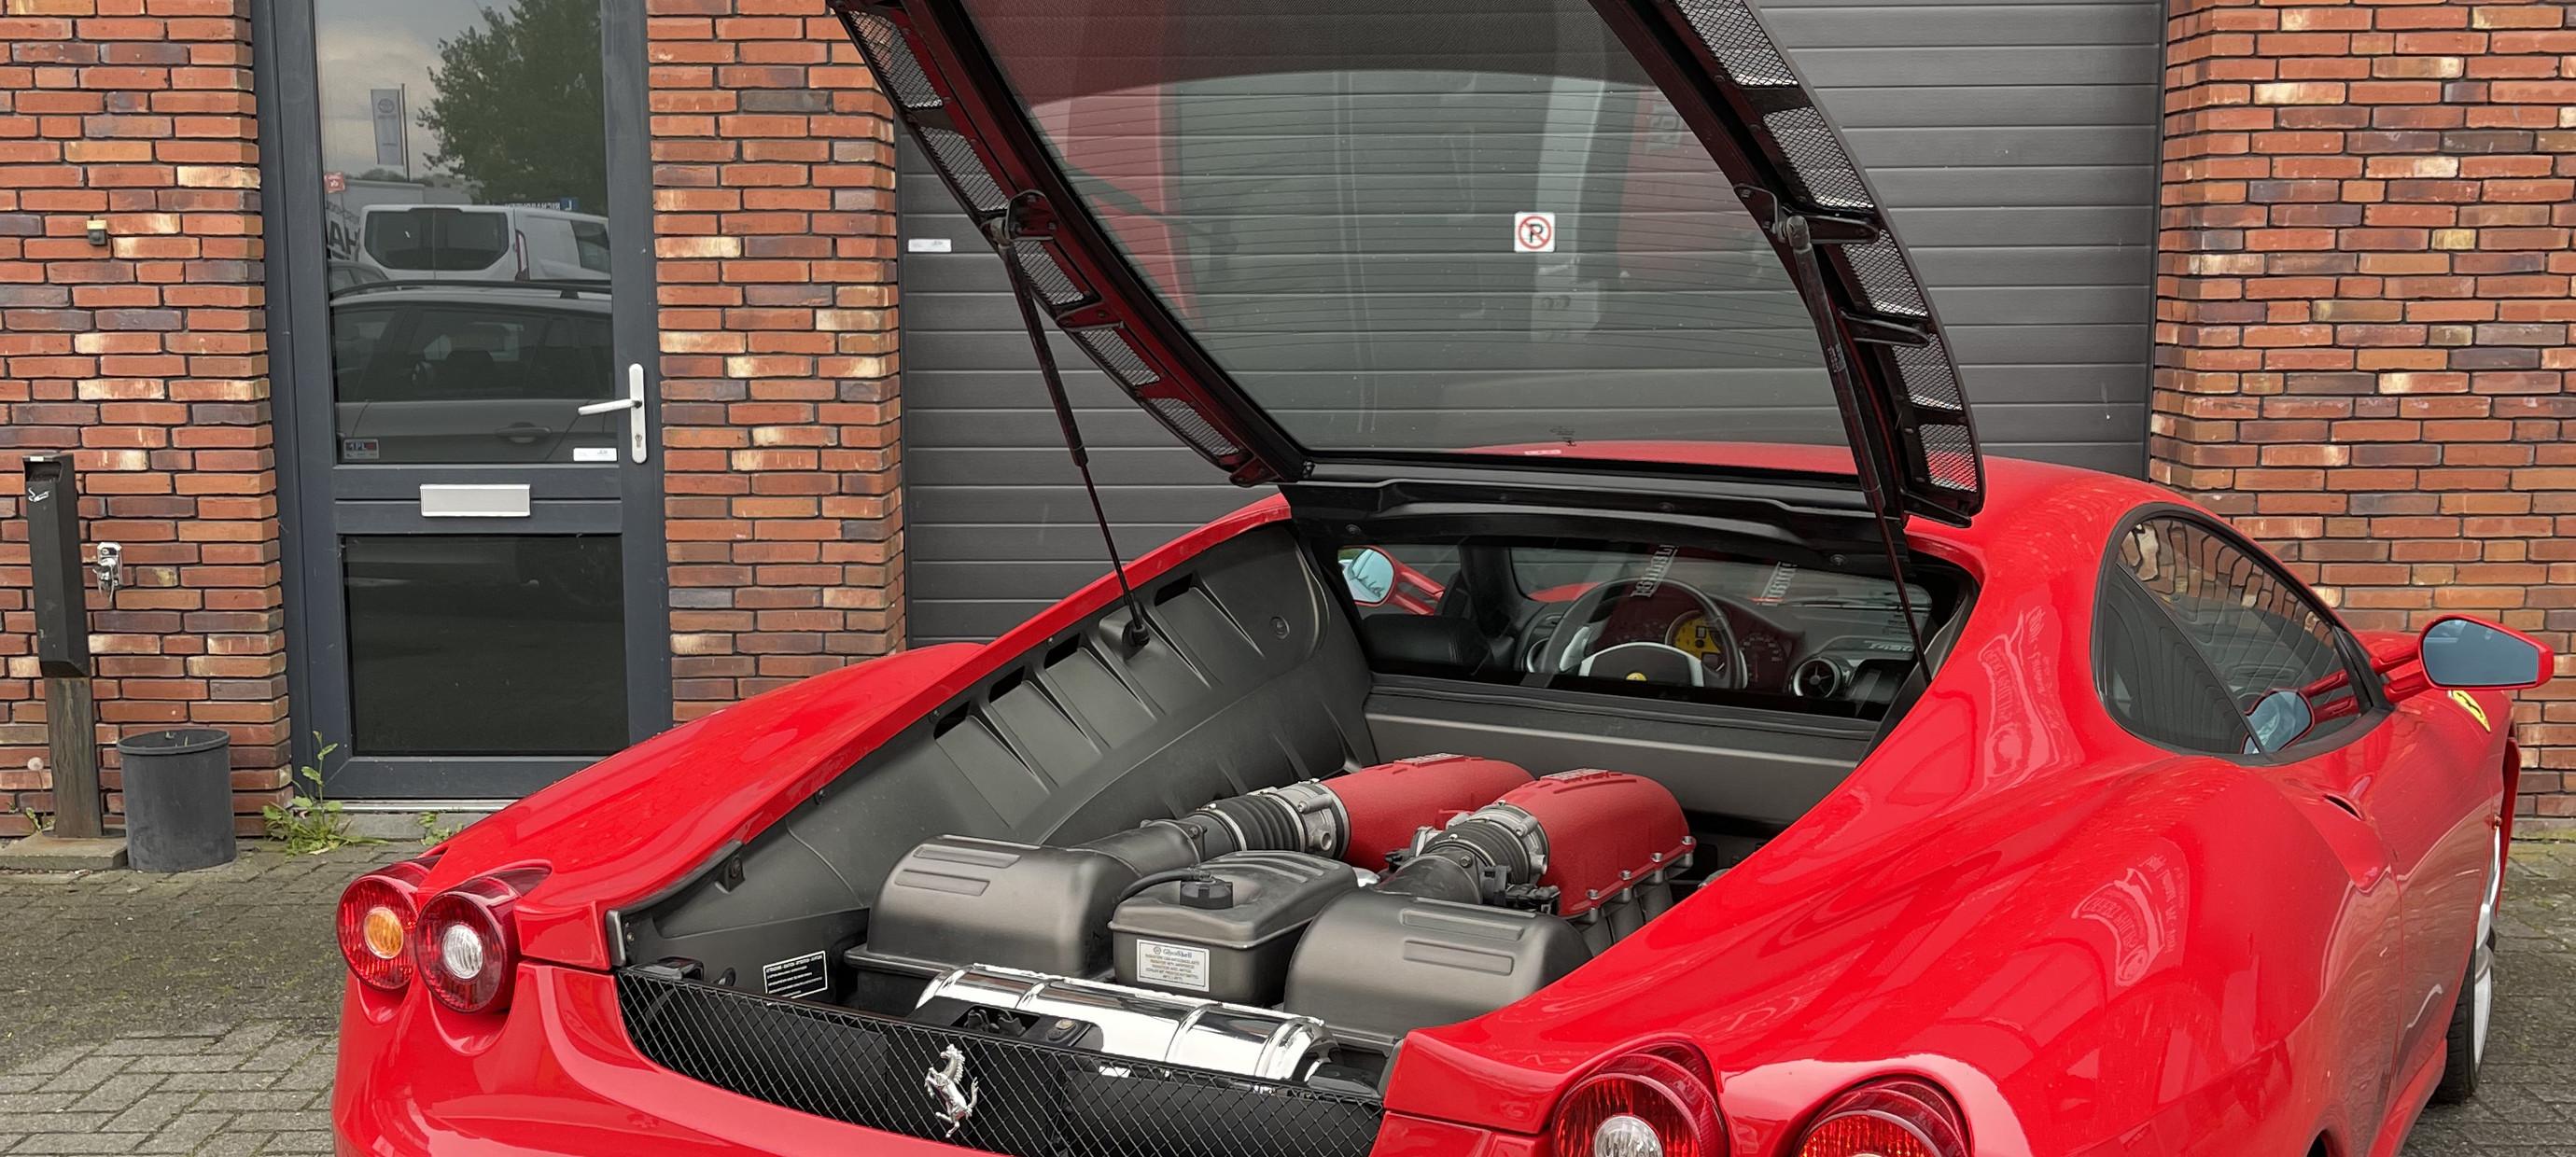 Ferrari F430 voorzien van Capristo uitlaat